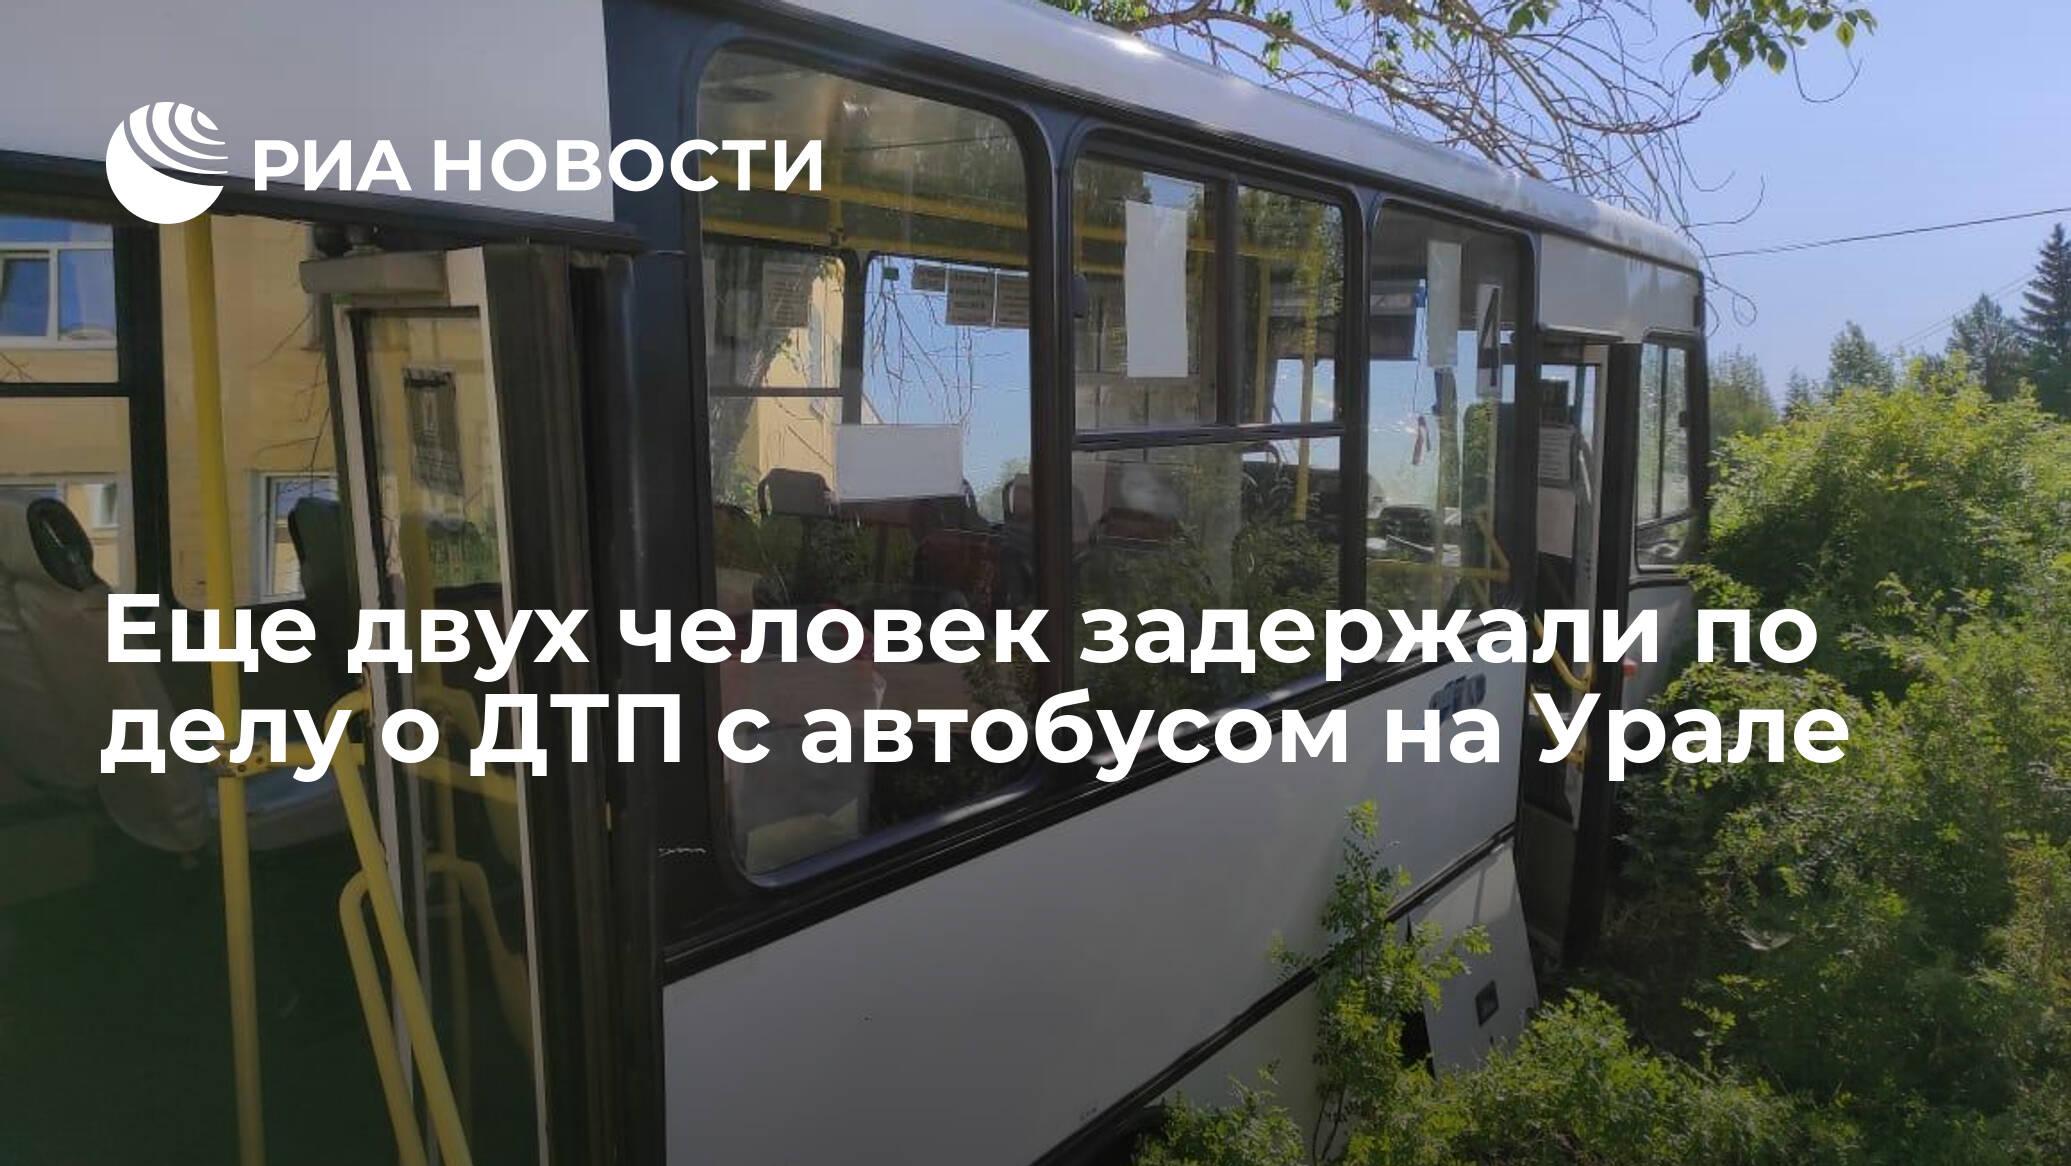 Еще двух человек задержали по делу о ДТП с автобусом на Урале